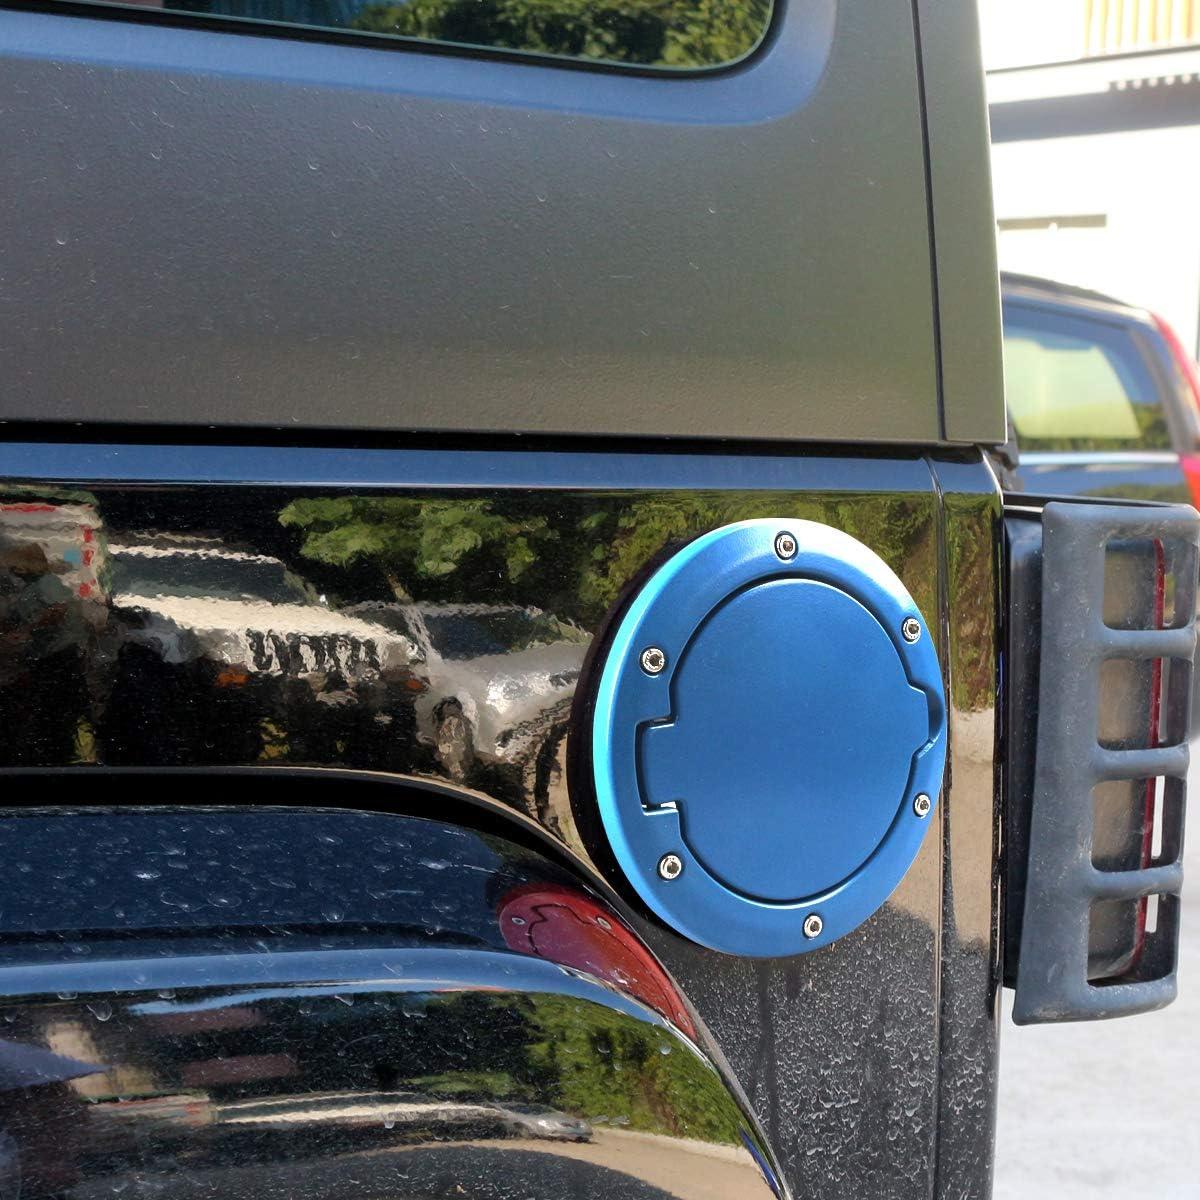 DDUOO Jeep Gas Cap Cover White JK Fuel Door Gas Cover for Jeep Wrangler JK 2-Door 4-Door Sahara Rubicon 2007-2017